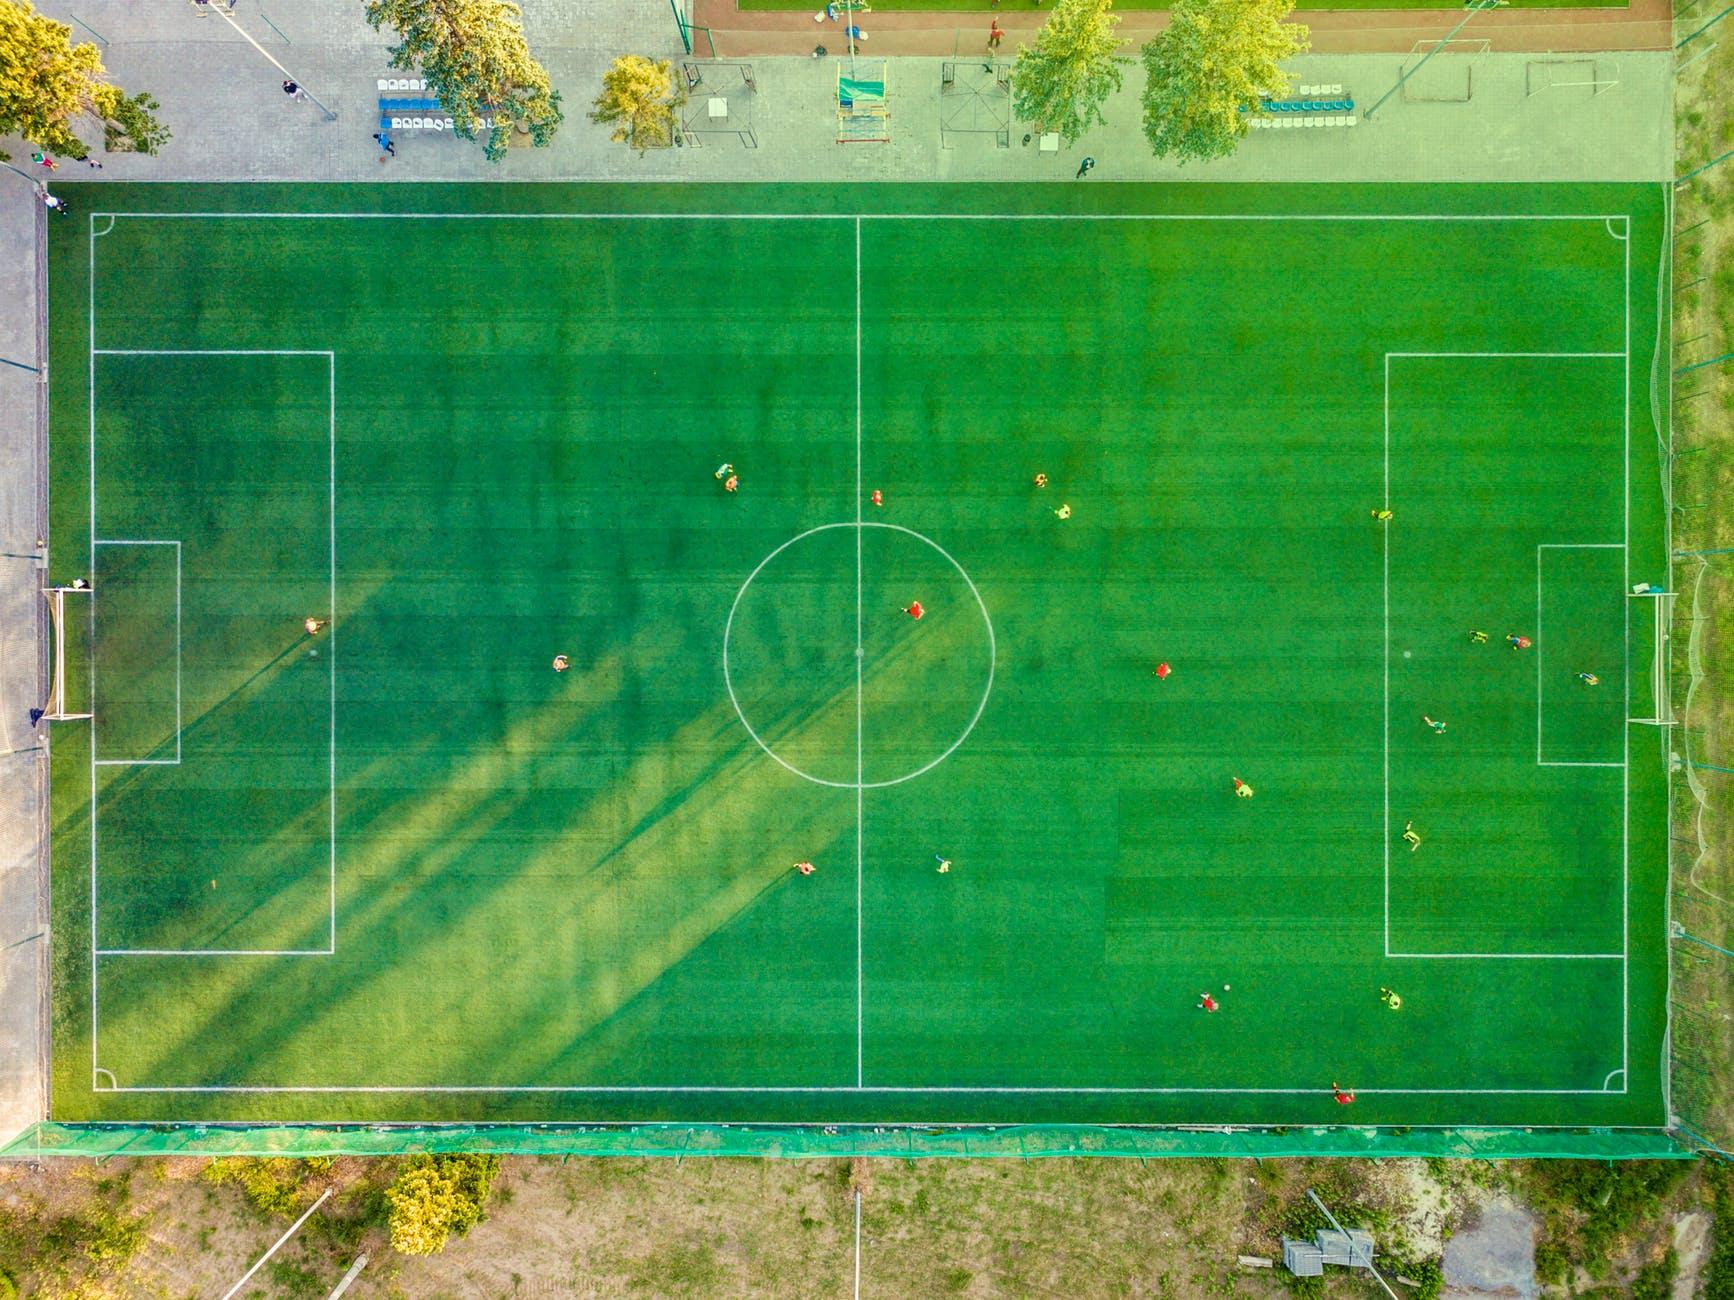 Heimat für den SV Aschenberg United! Bekommt der Fußballverein einen eigenen Sportplatz?